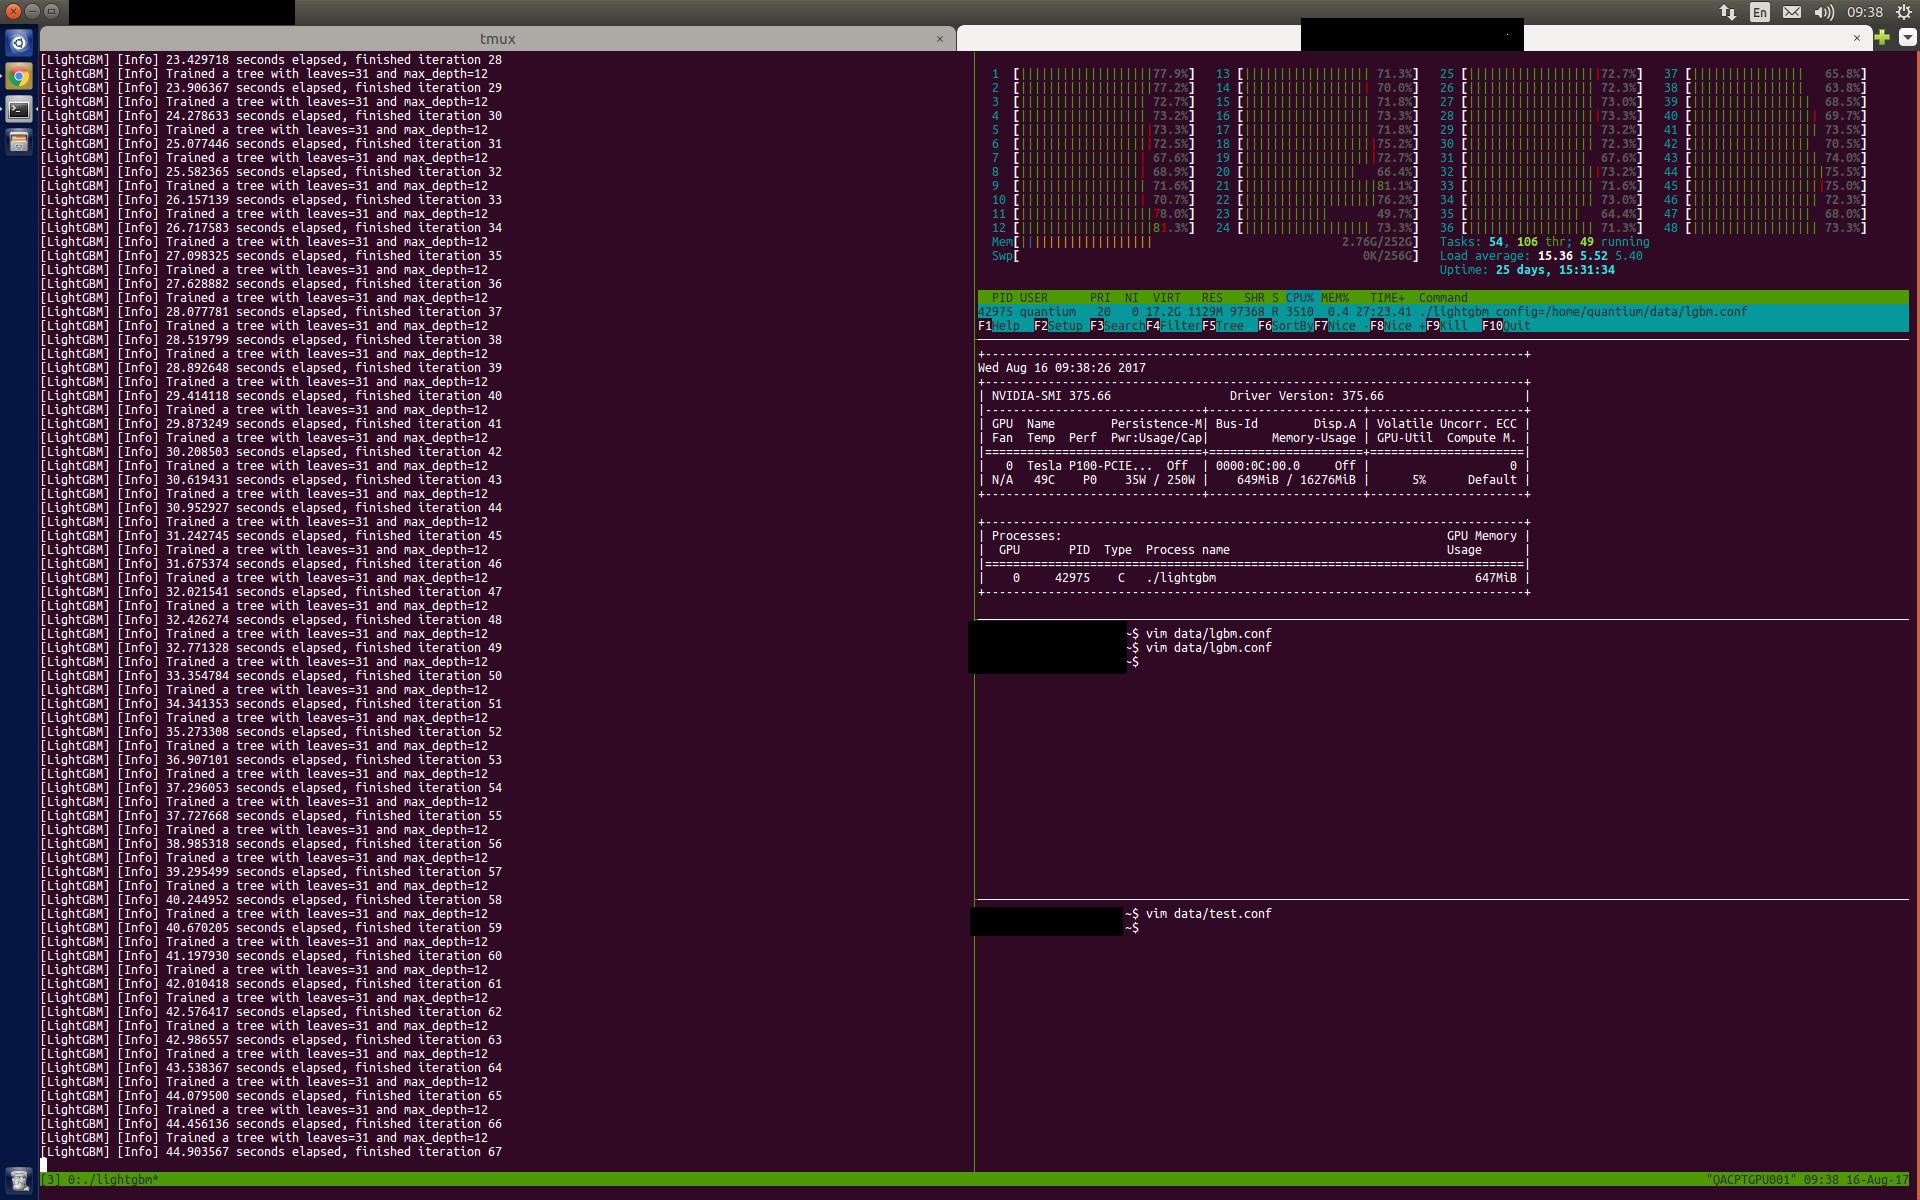 Training on GPU does not utilise GPU properly · Issue #836